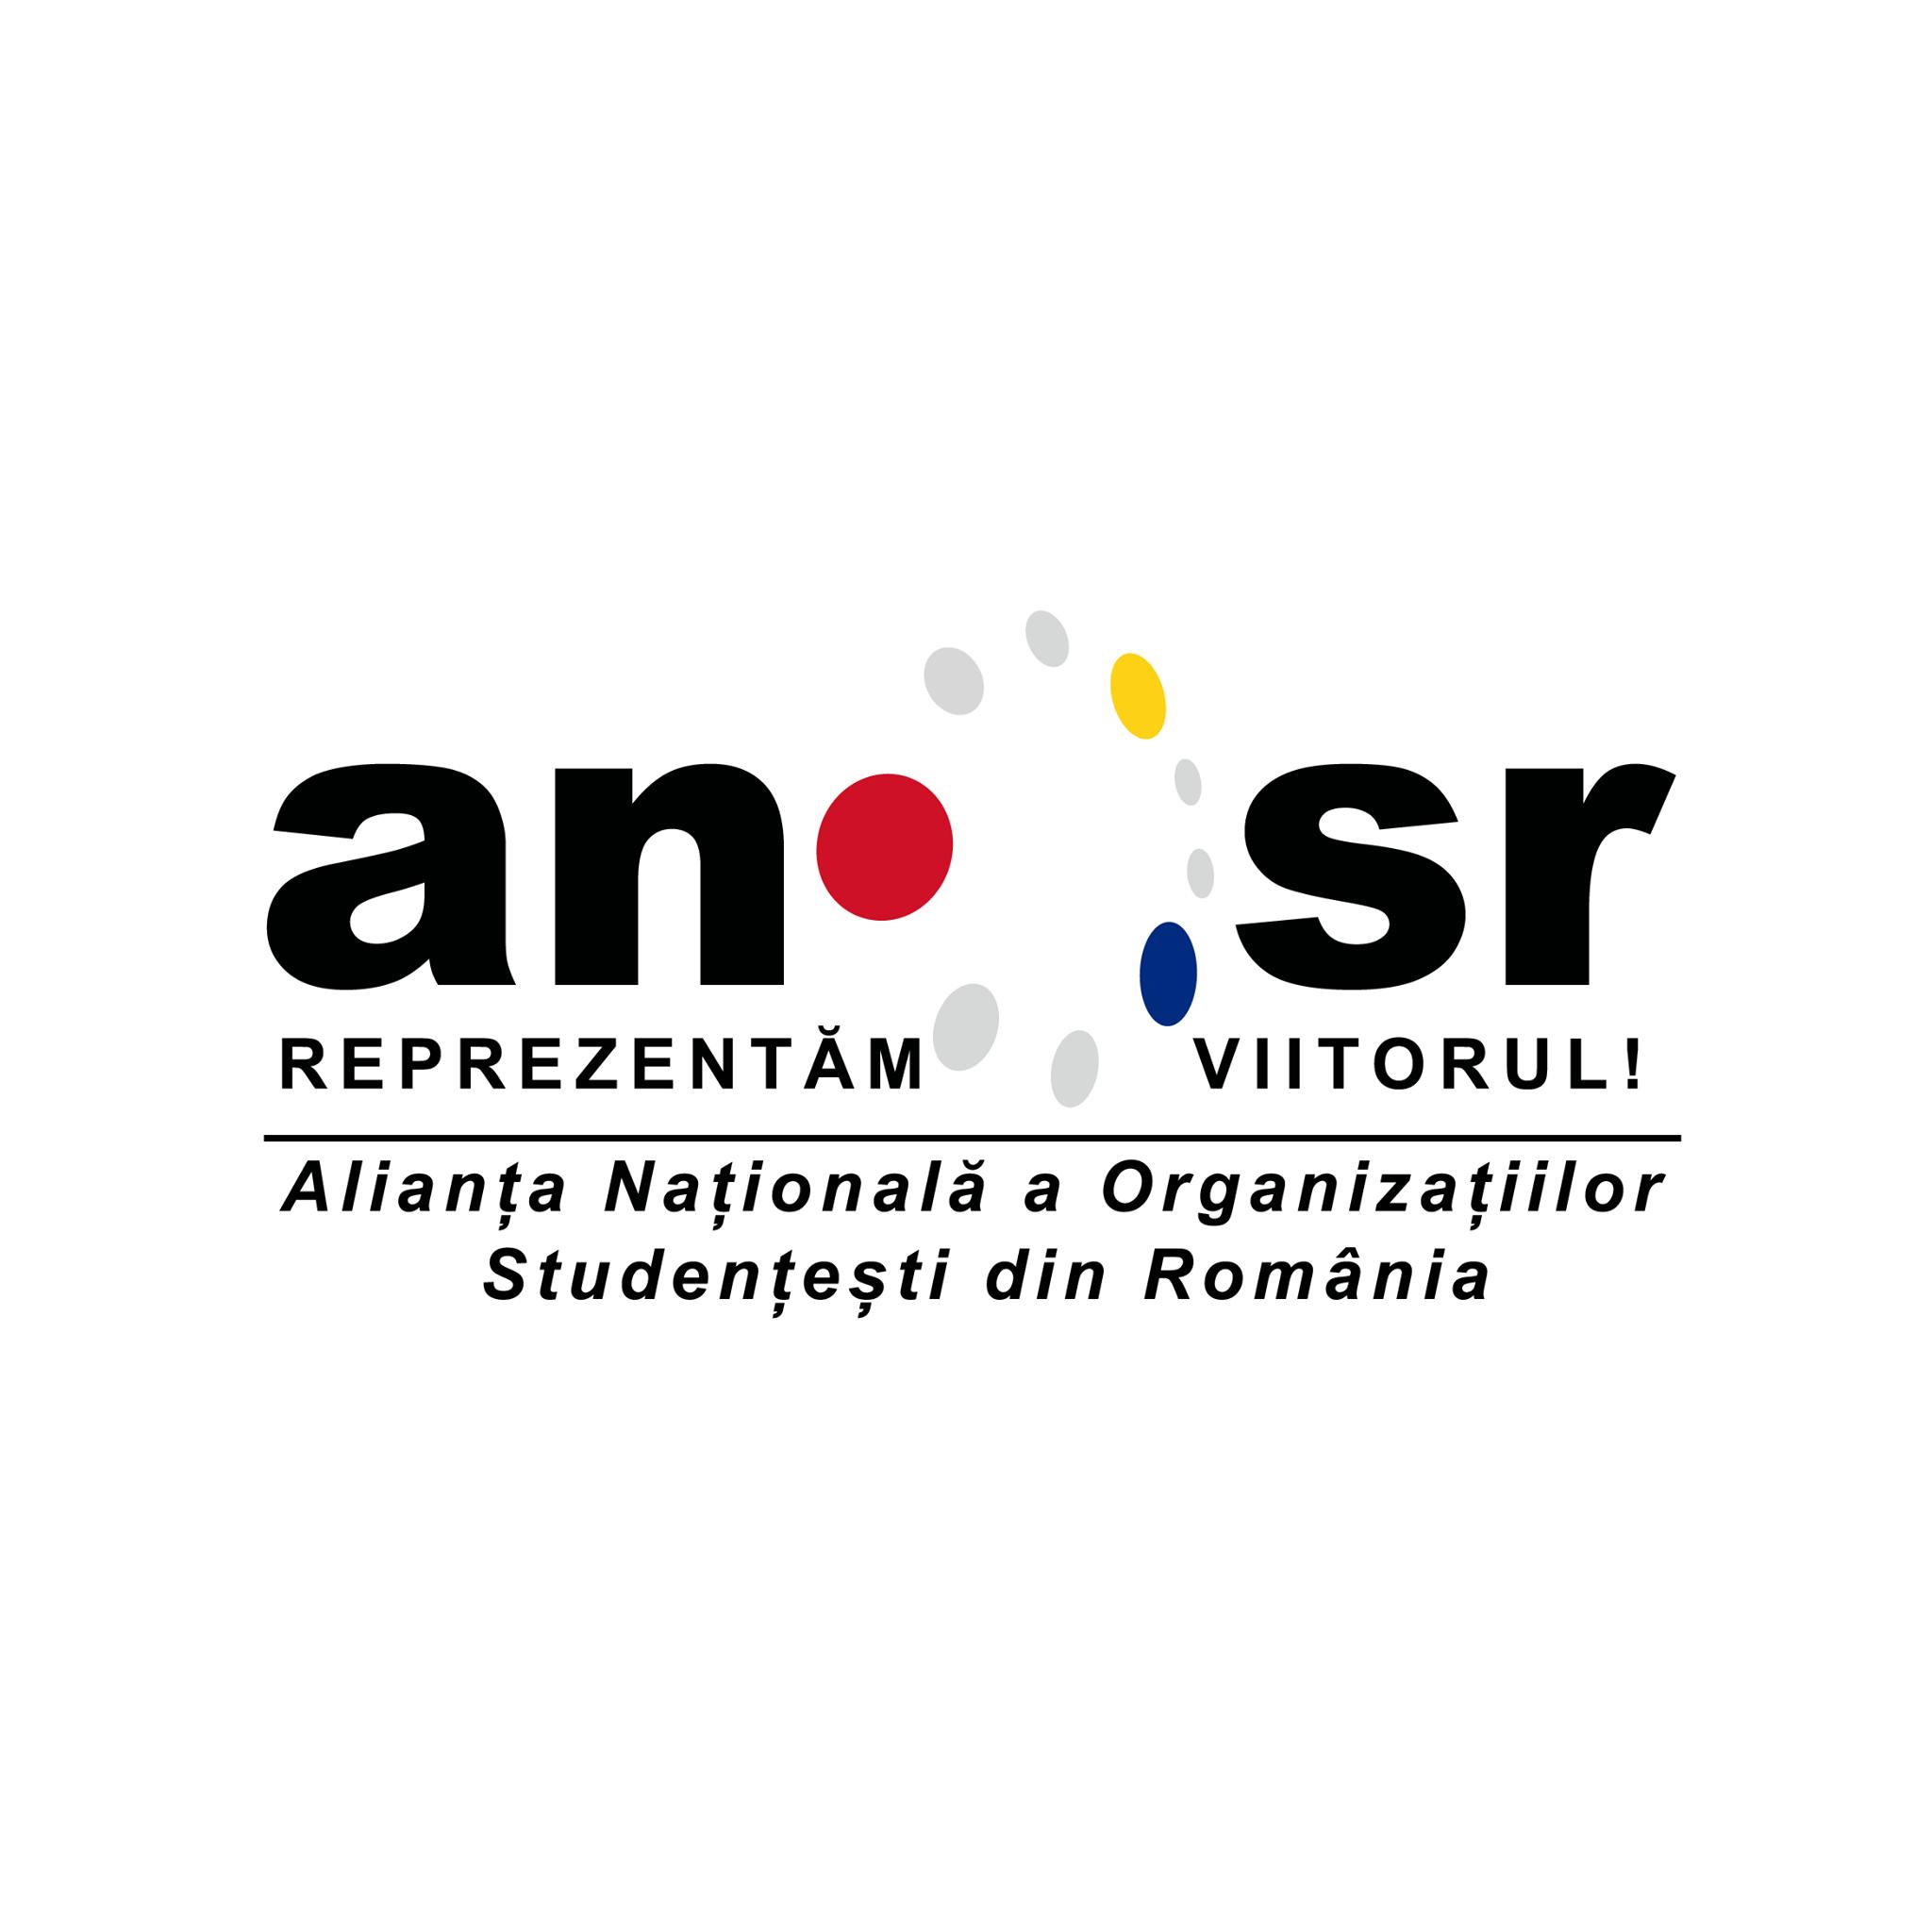 Alianța Națională a Organizațiilor Studențești din România (ANOSR) logo